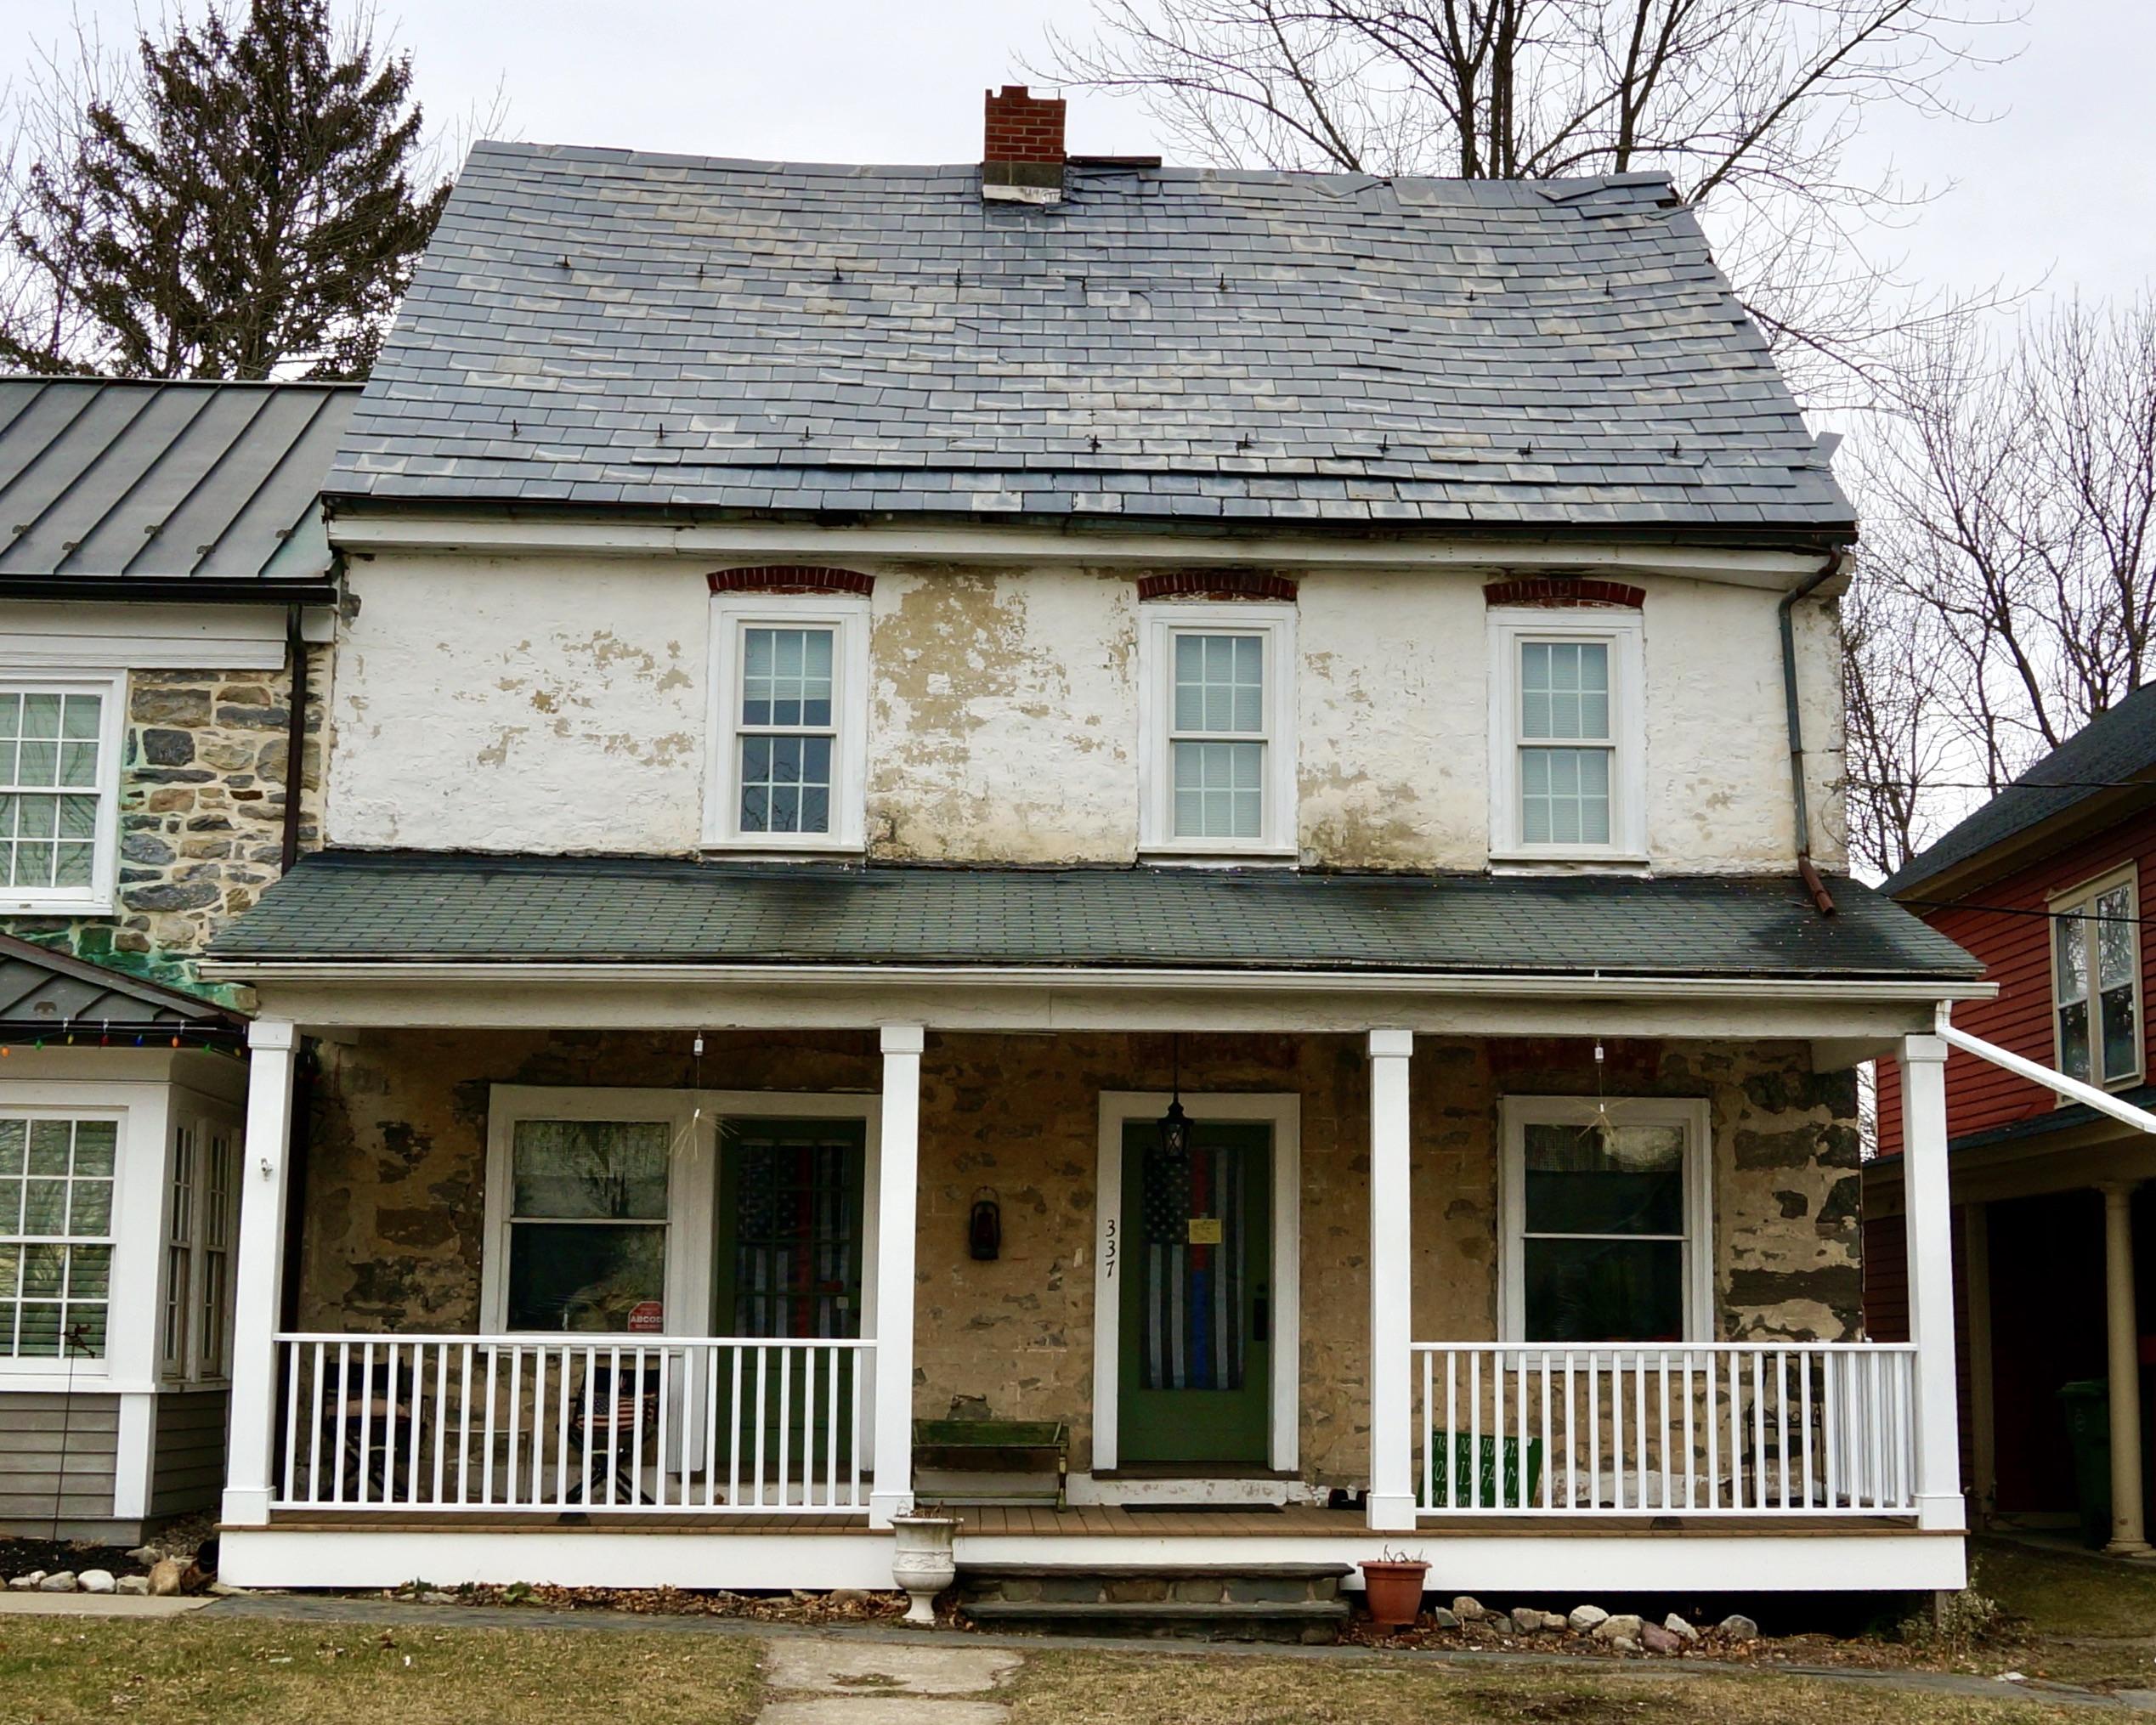 J. WEINLAND HOUSE•1787